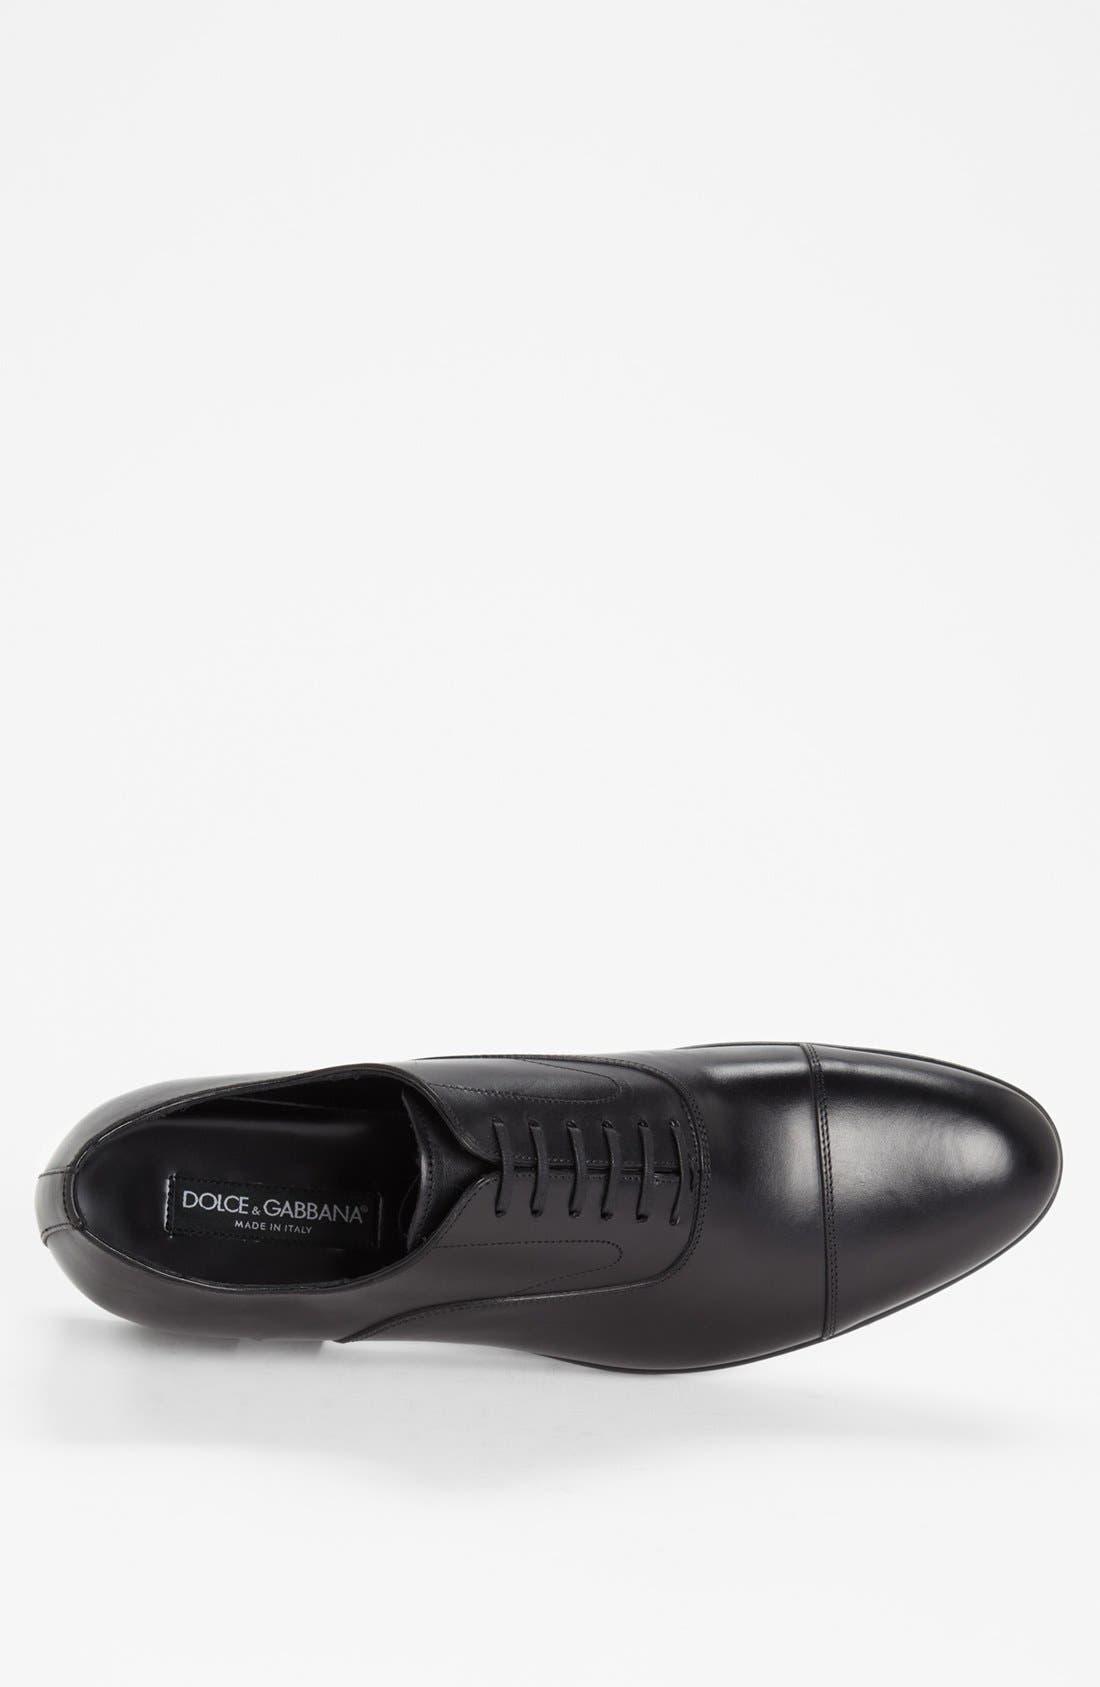 Alternate Image 3  - Dolce&Gabbana 'Napoli' Cap Toe Oxford